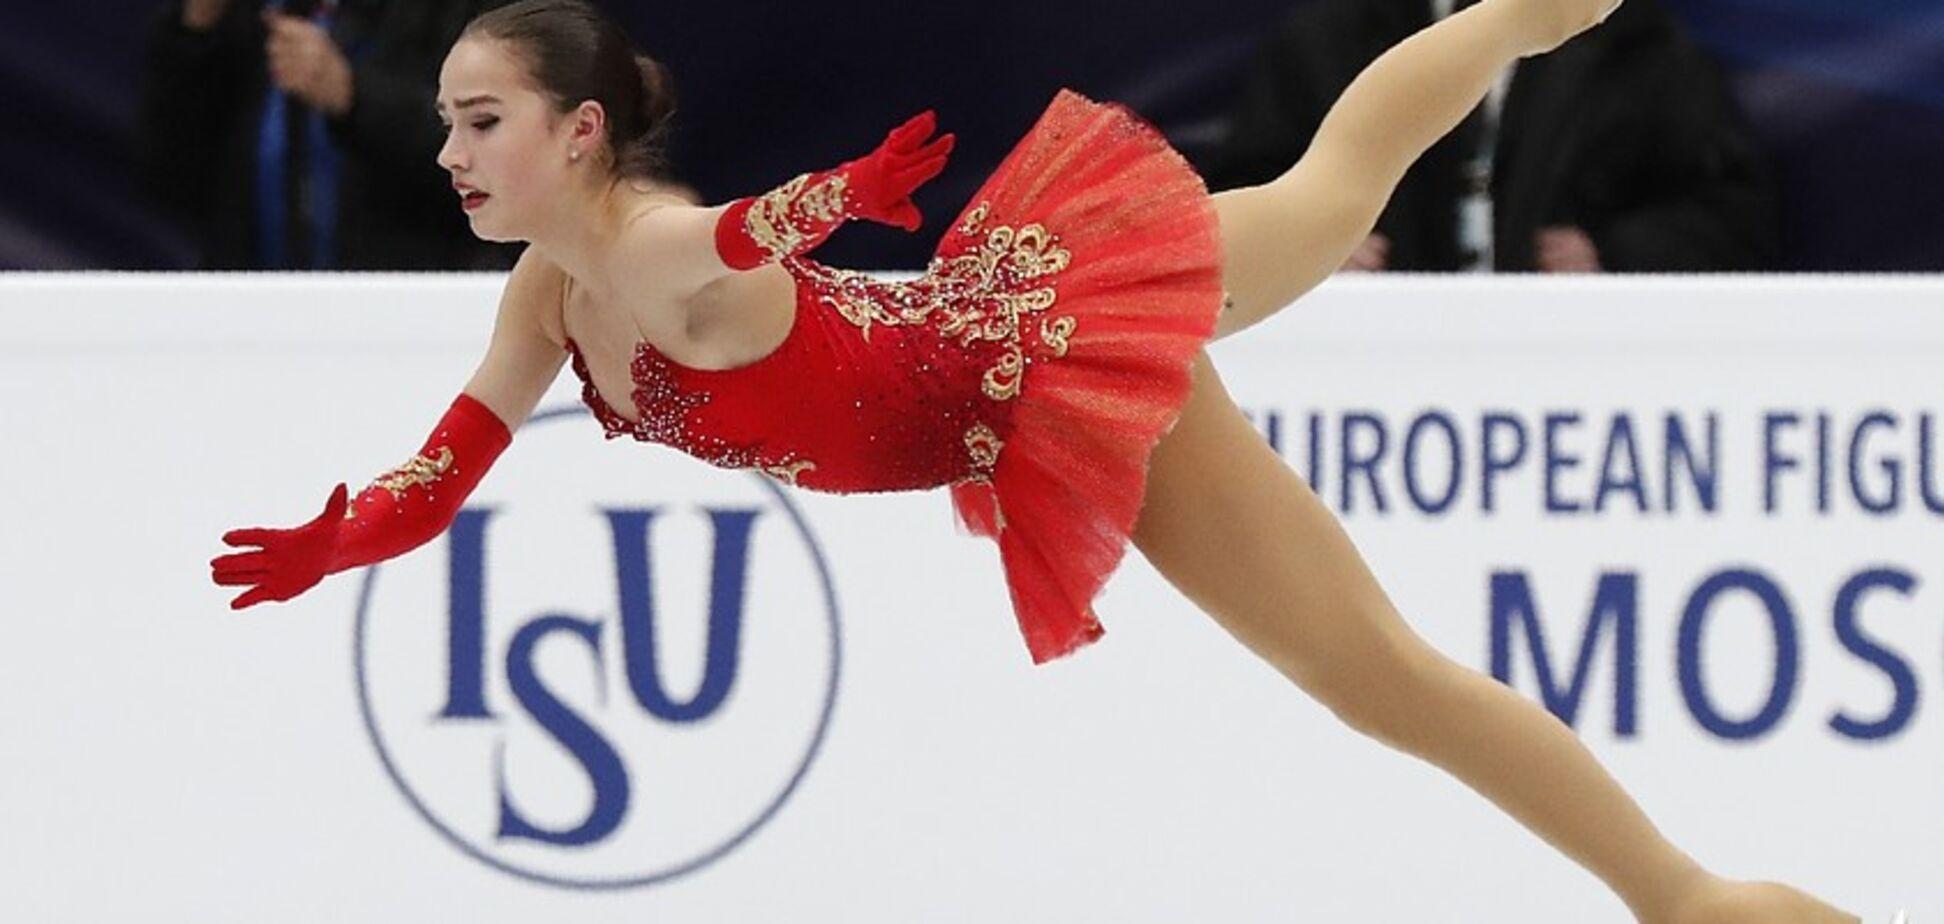 Сорвали тренировку: российская чемпионка оказалась в эпицентре скандала на Олимпиаде-2018